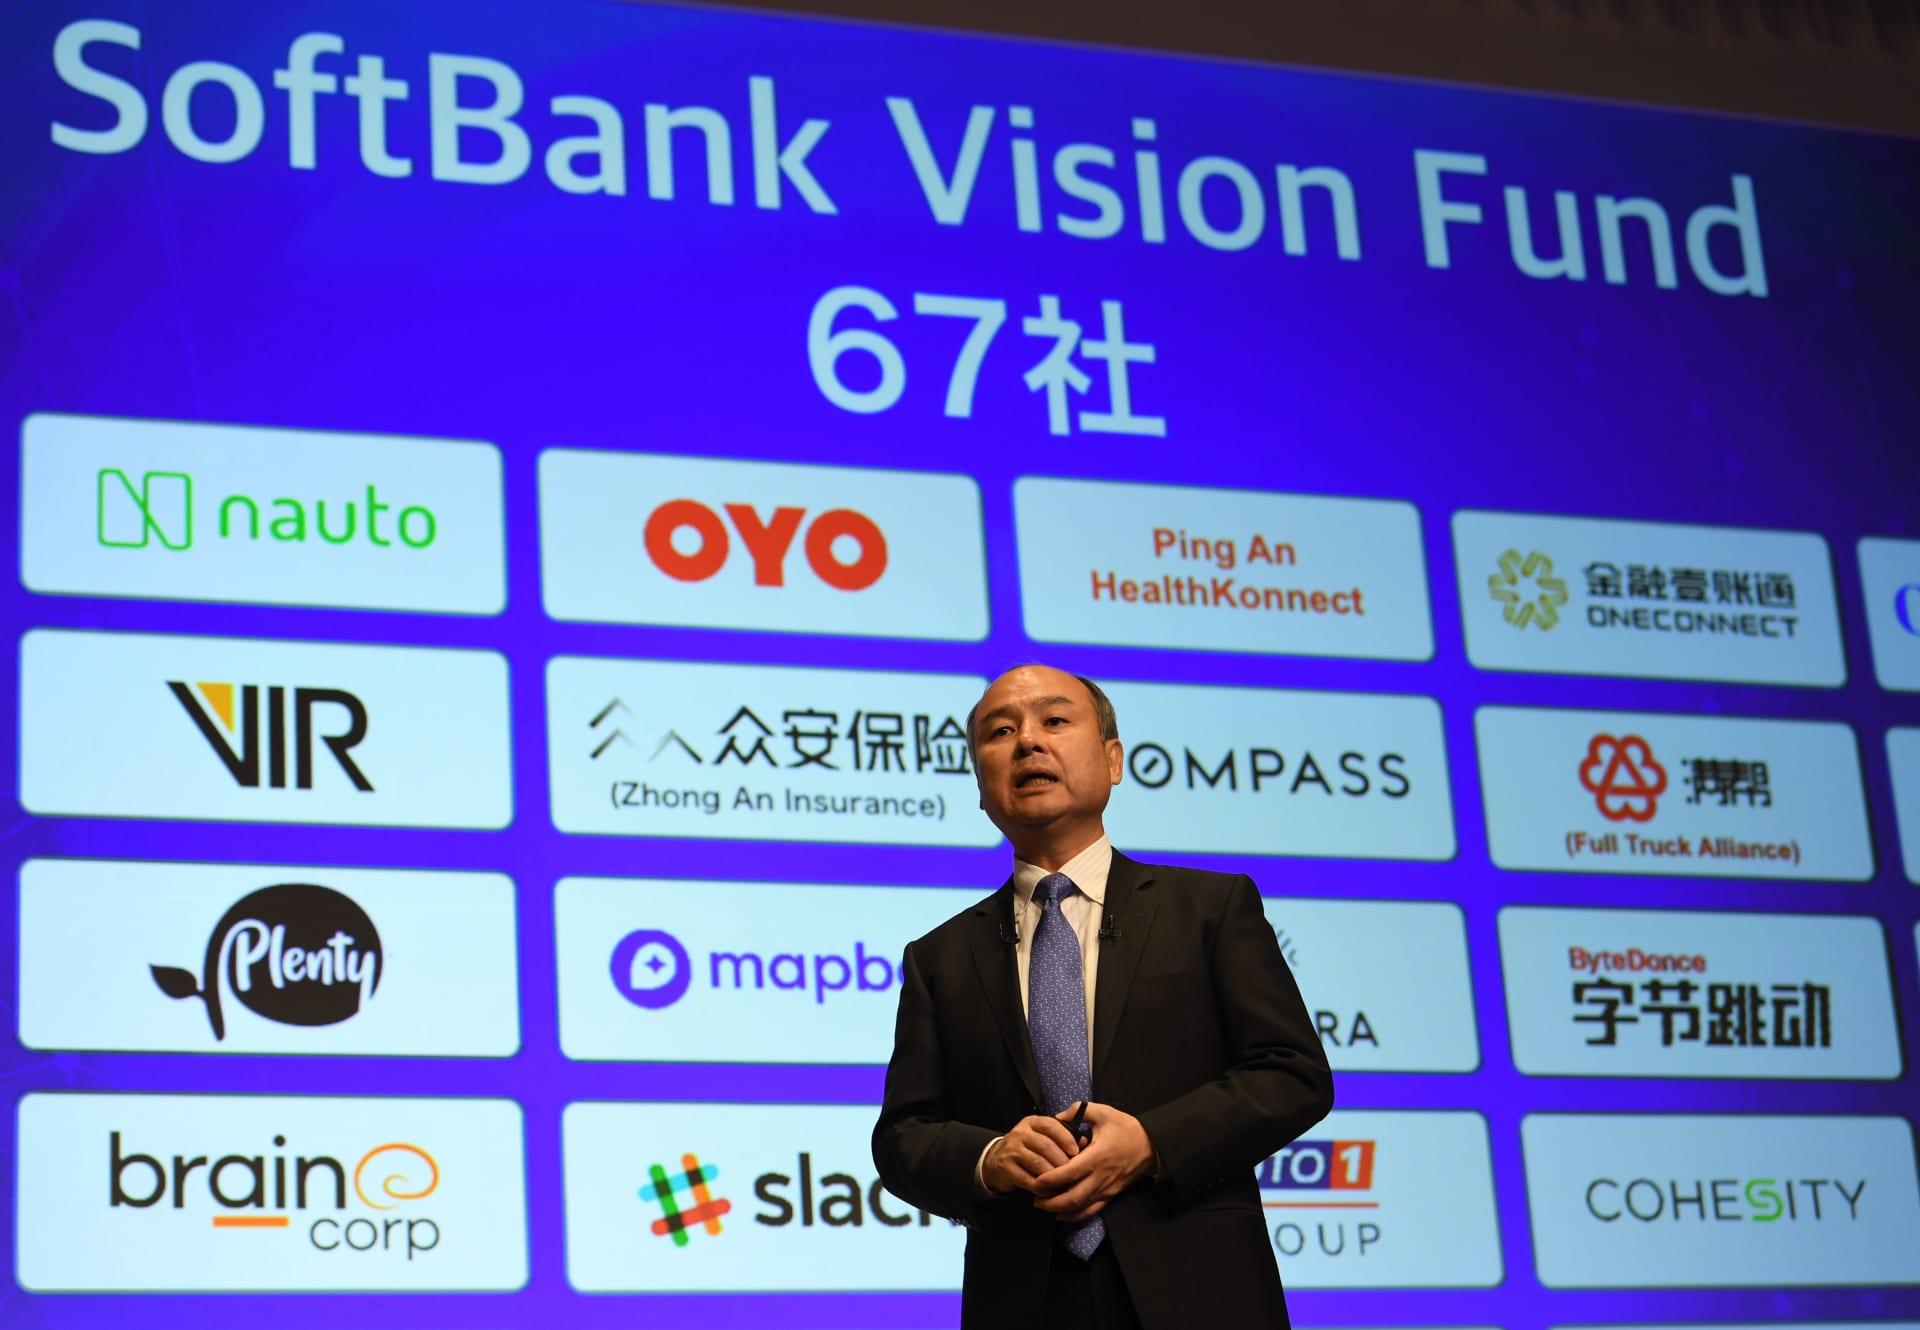 """سوفت بنك تتأهب لأكبر طرح في أسواق المال العالمية منذ """"علي بابا"""""""